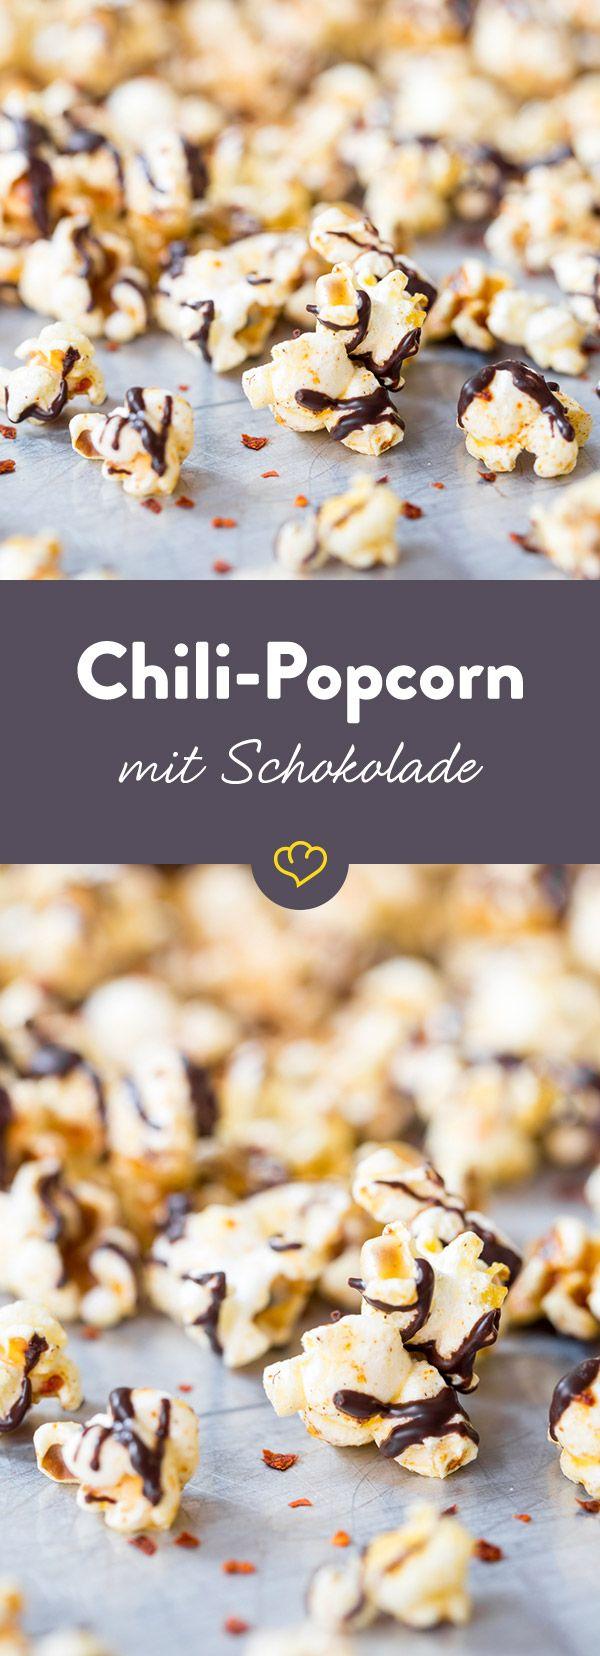 feurig s er knabberspa chili popcorn mit dunkler schokolade rezept c snacks rezepte. Black Bedroom Furniture Sets. Home Design Ideas